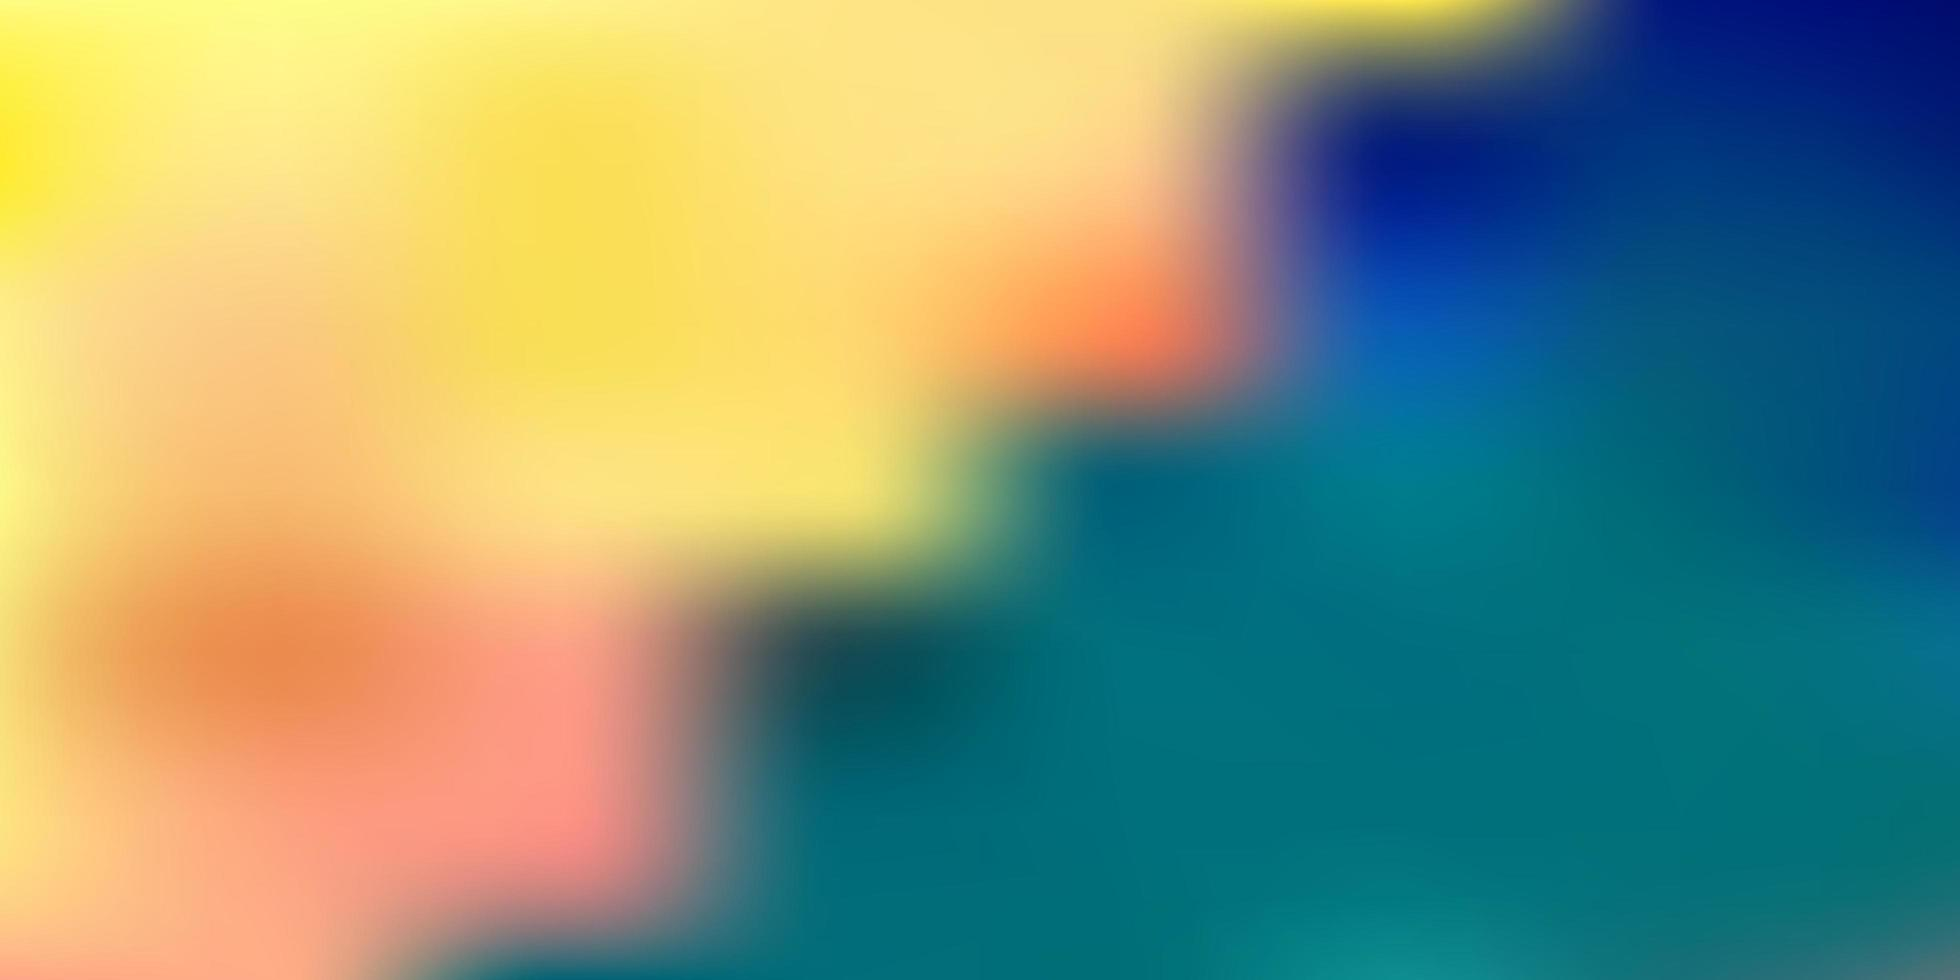 modello di sfocatura sfumata vettoriale blu chiaro.